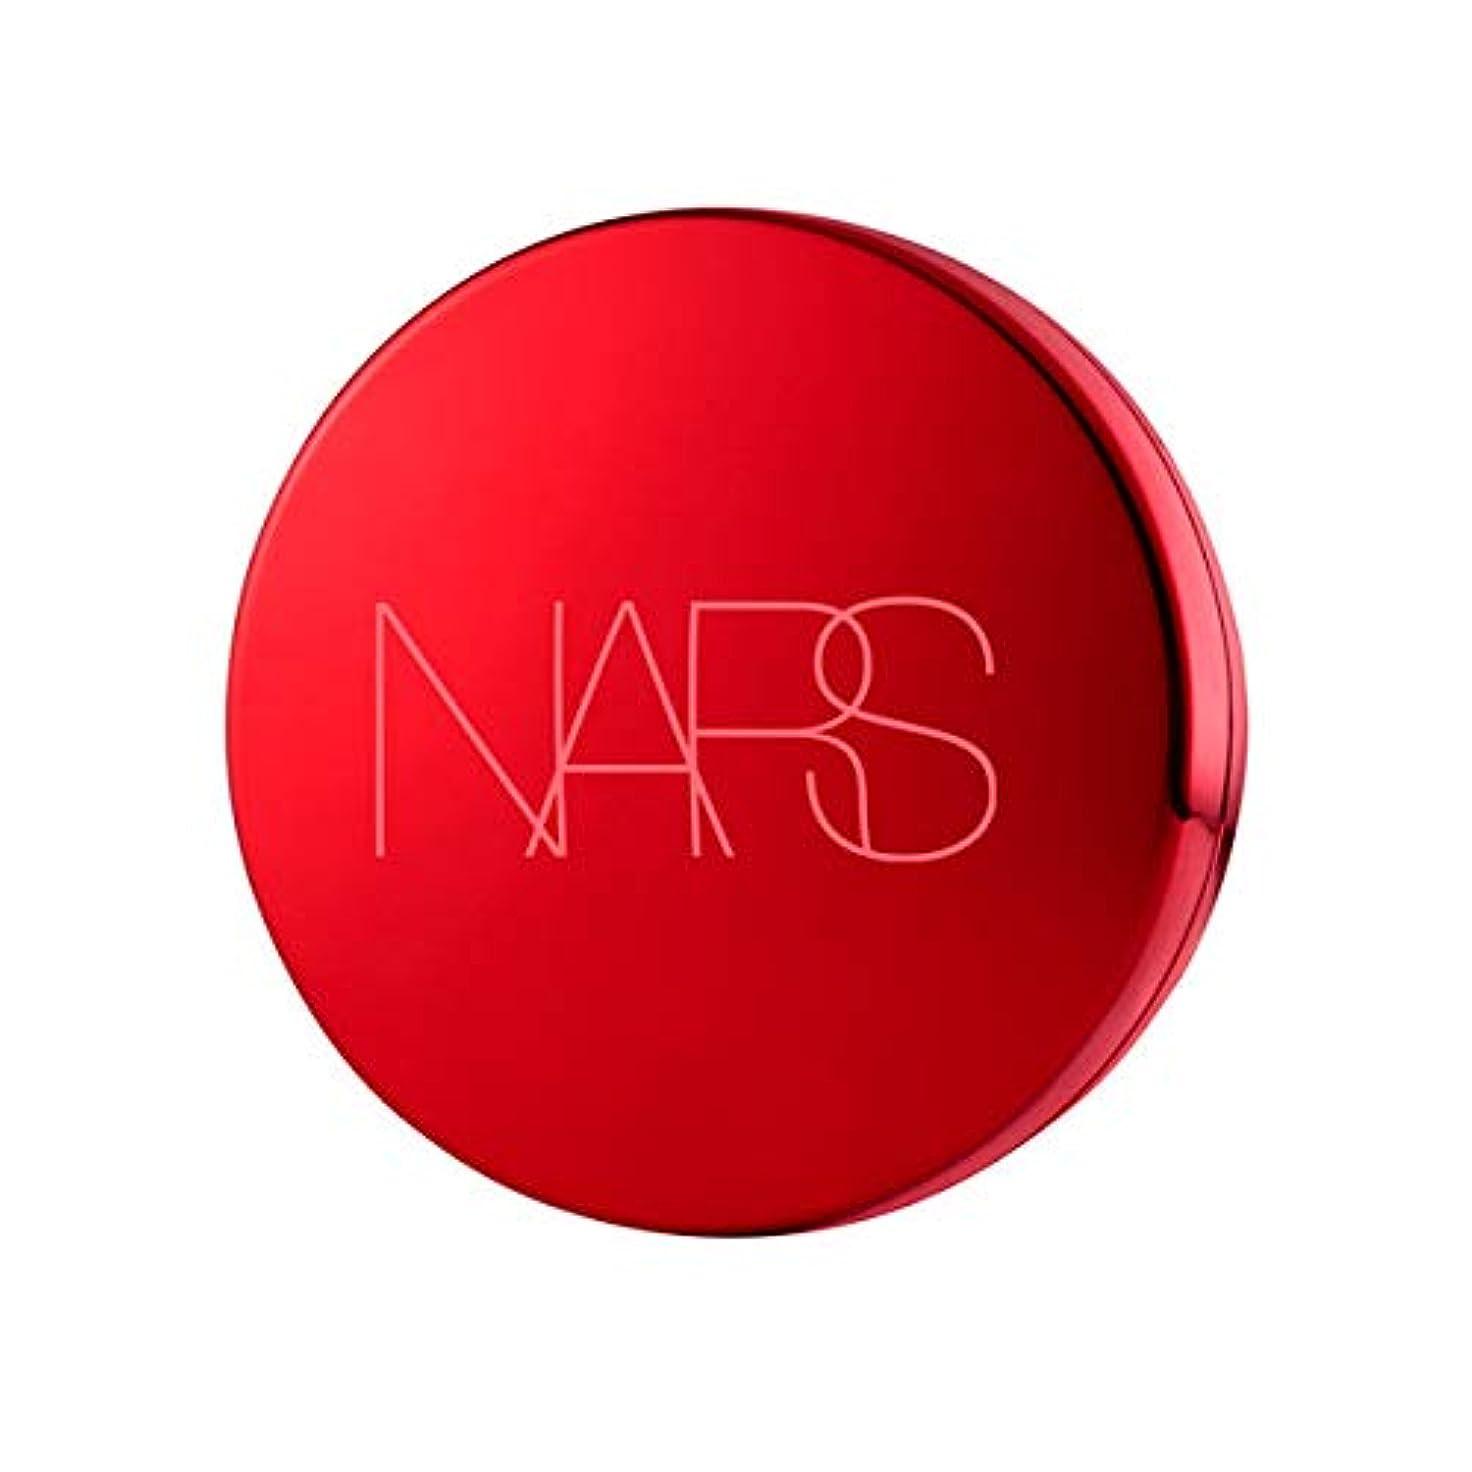 カブデータベース強打【NARS(ナーズ)】 アクアティックグロー クッションコンパクト スペシャルエディションケース